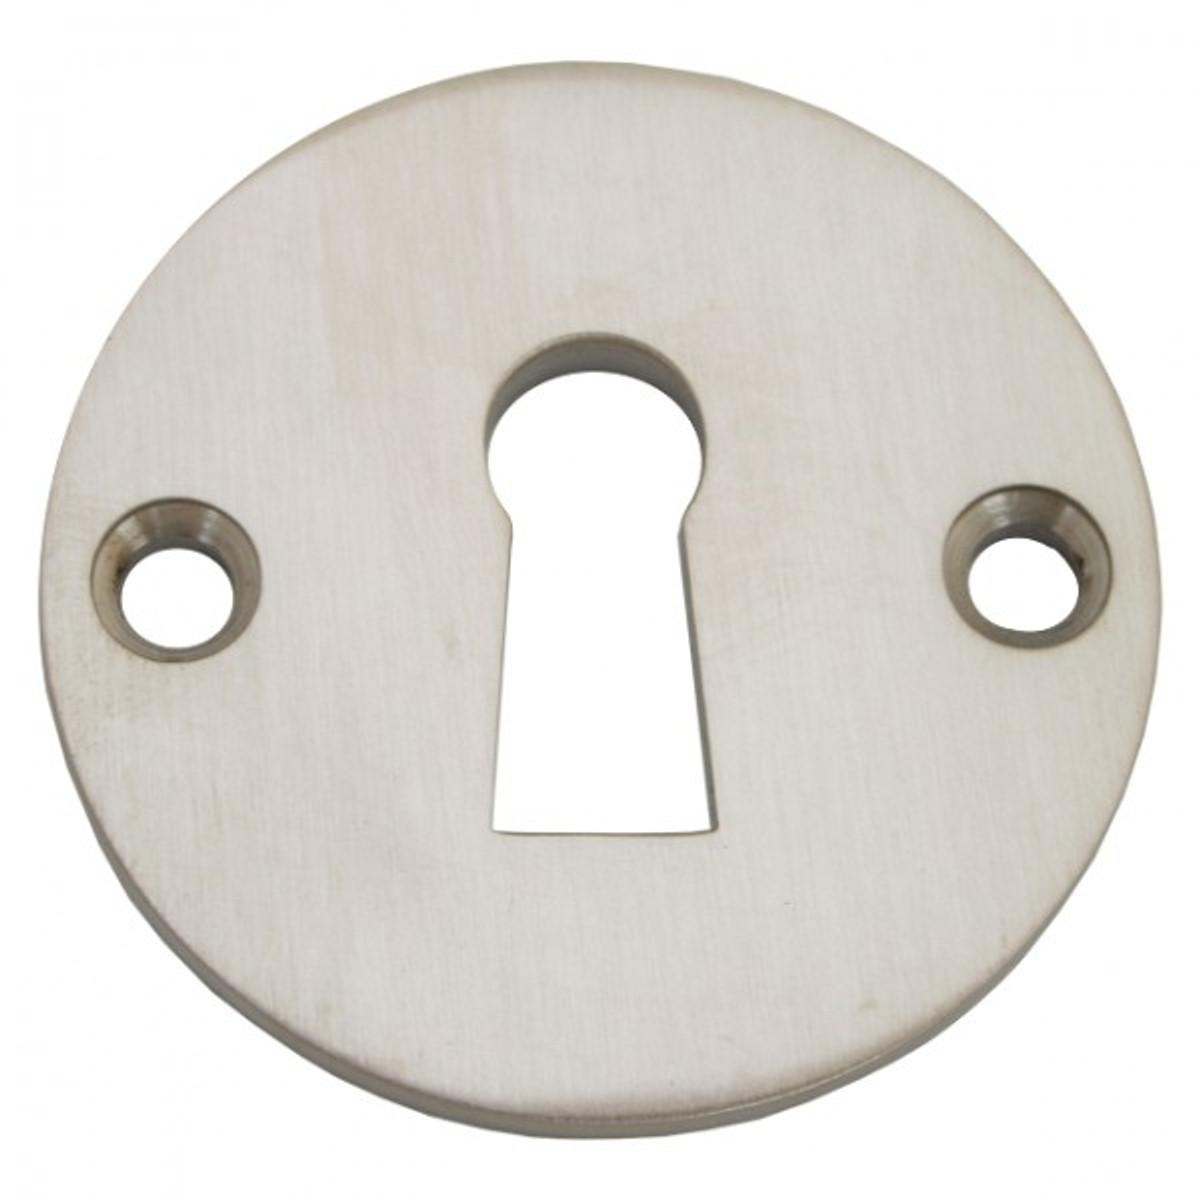 Buntbart Schlüssel Rosette aus Nickel matt. Jetzt einzeln kaufen für Türbeschlag.